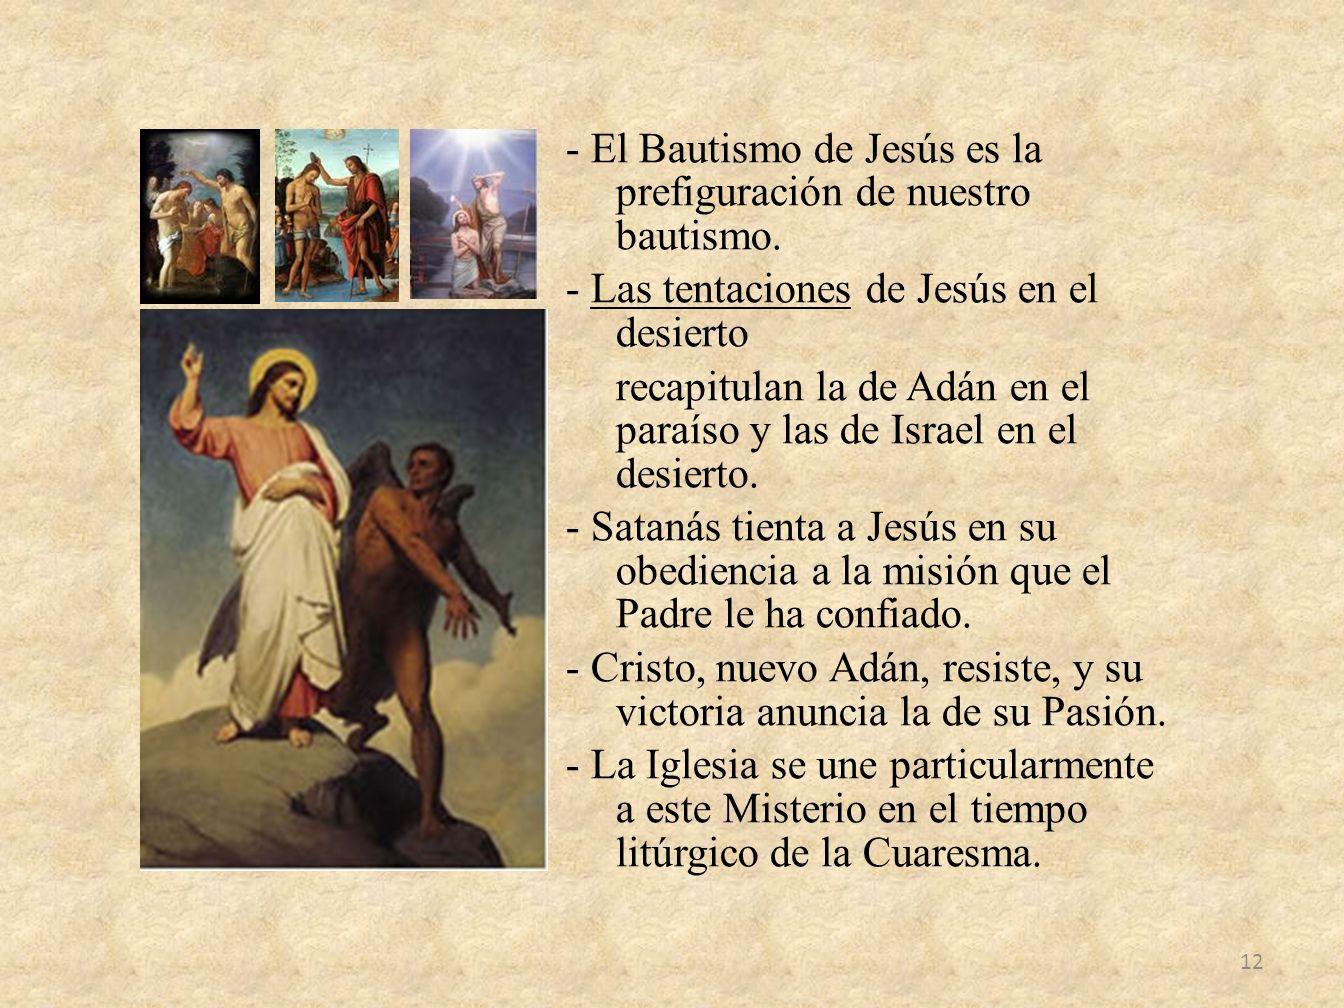 - El Bautismo de Jesús es la prefiguración de nuestro bautismo